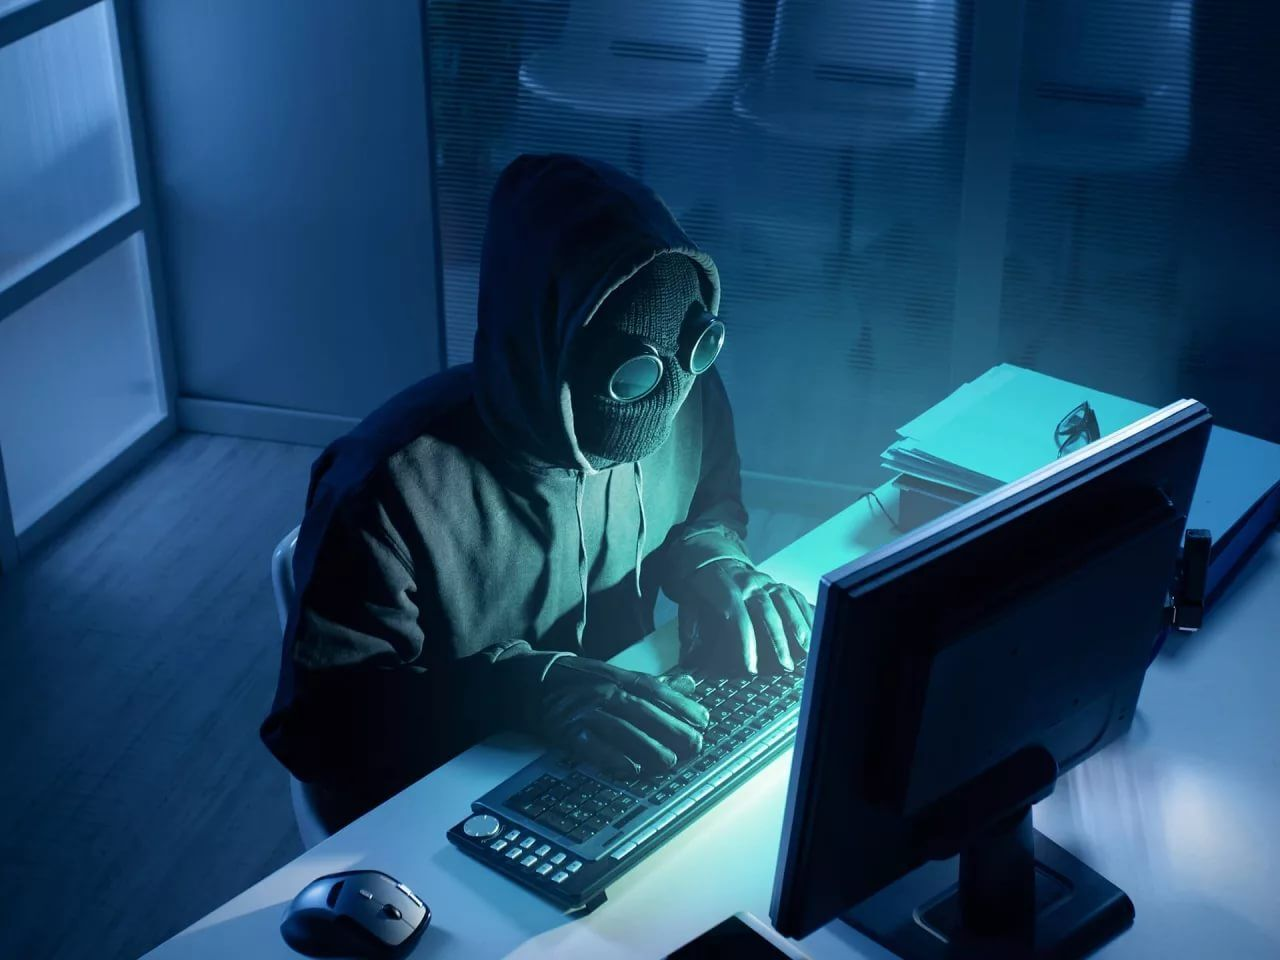 Хакера осудили на три года за детскую порнографию